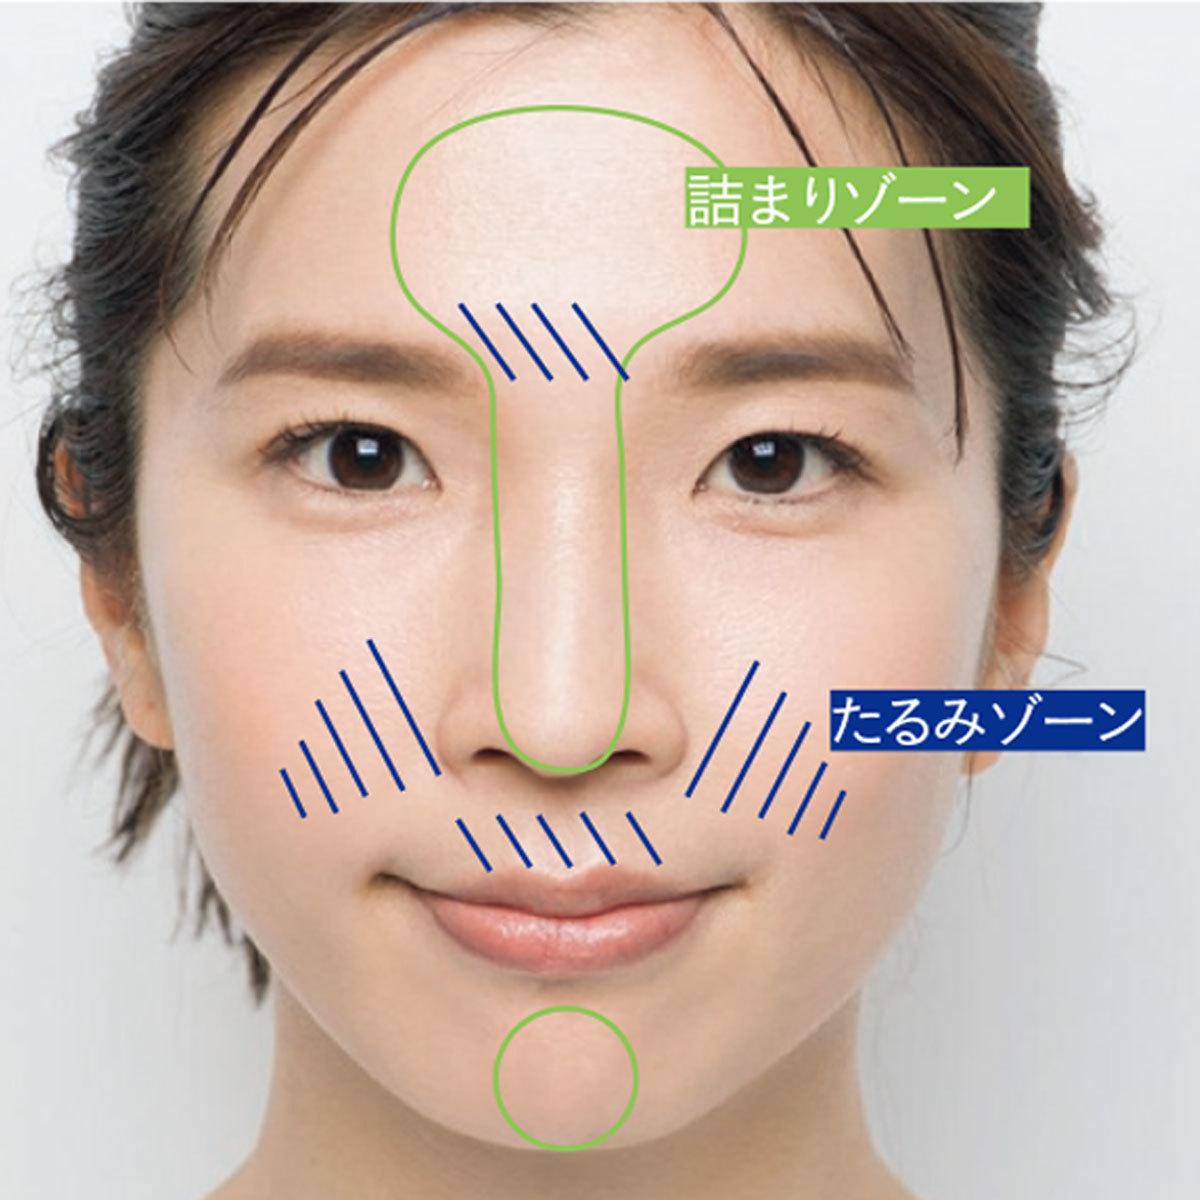 血糖値を安定させる5つのポイントから目立つようになってきた顔の毛穴まで【ビューティー人気記事ランキングトップ6】_1_6